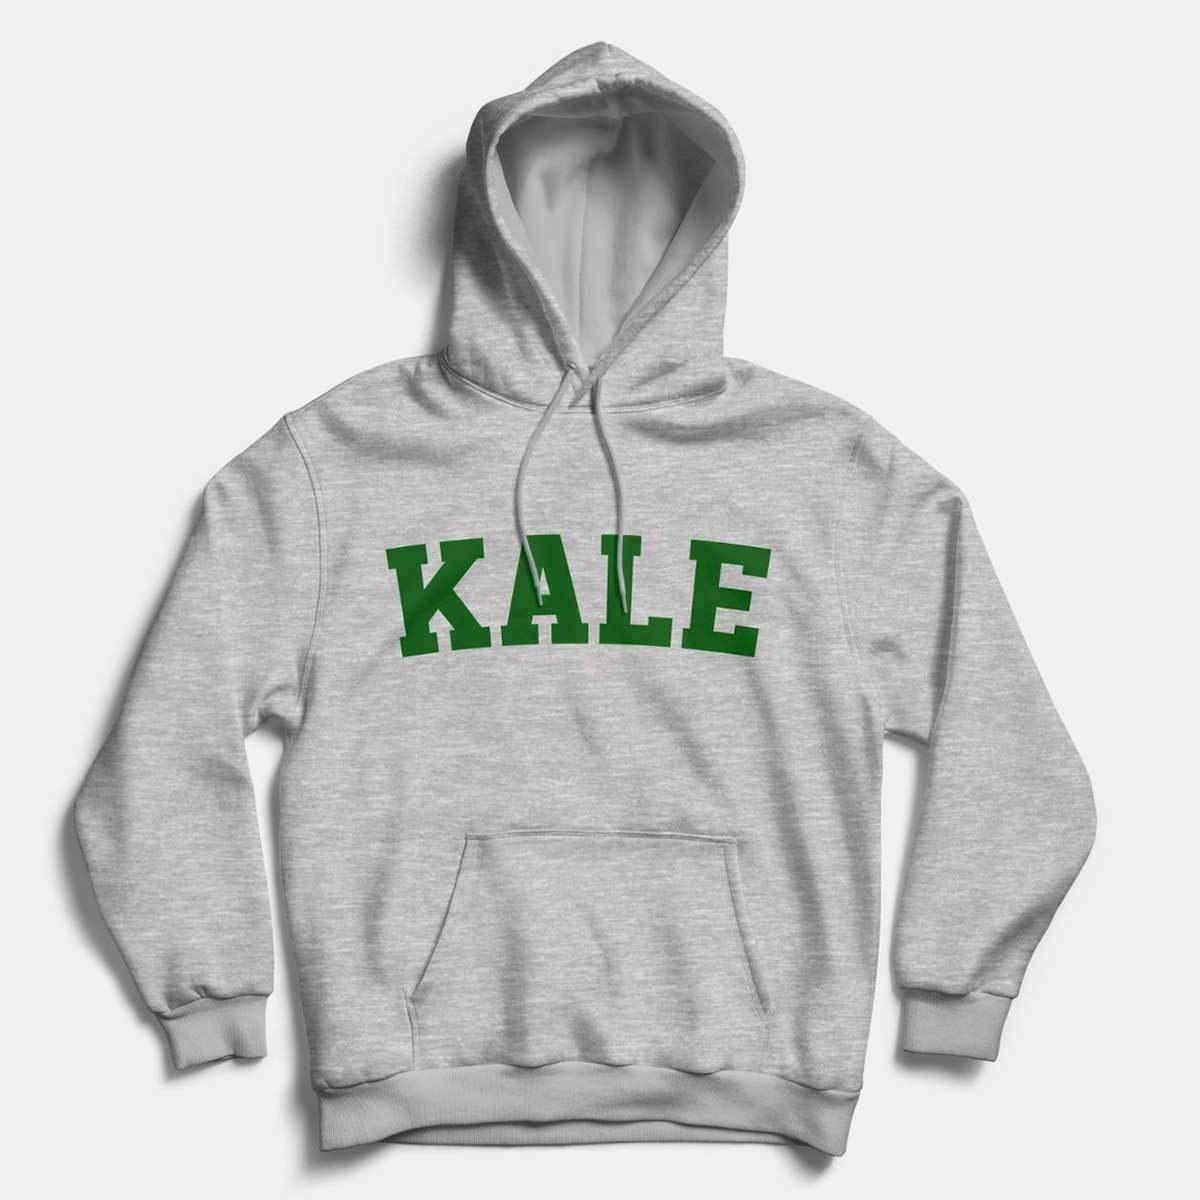 the grey kale hoodie